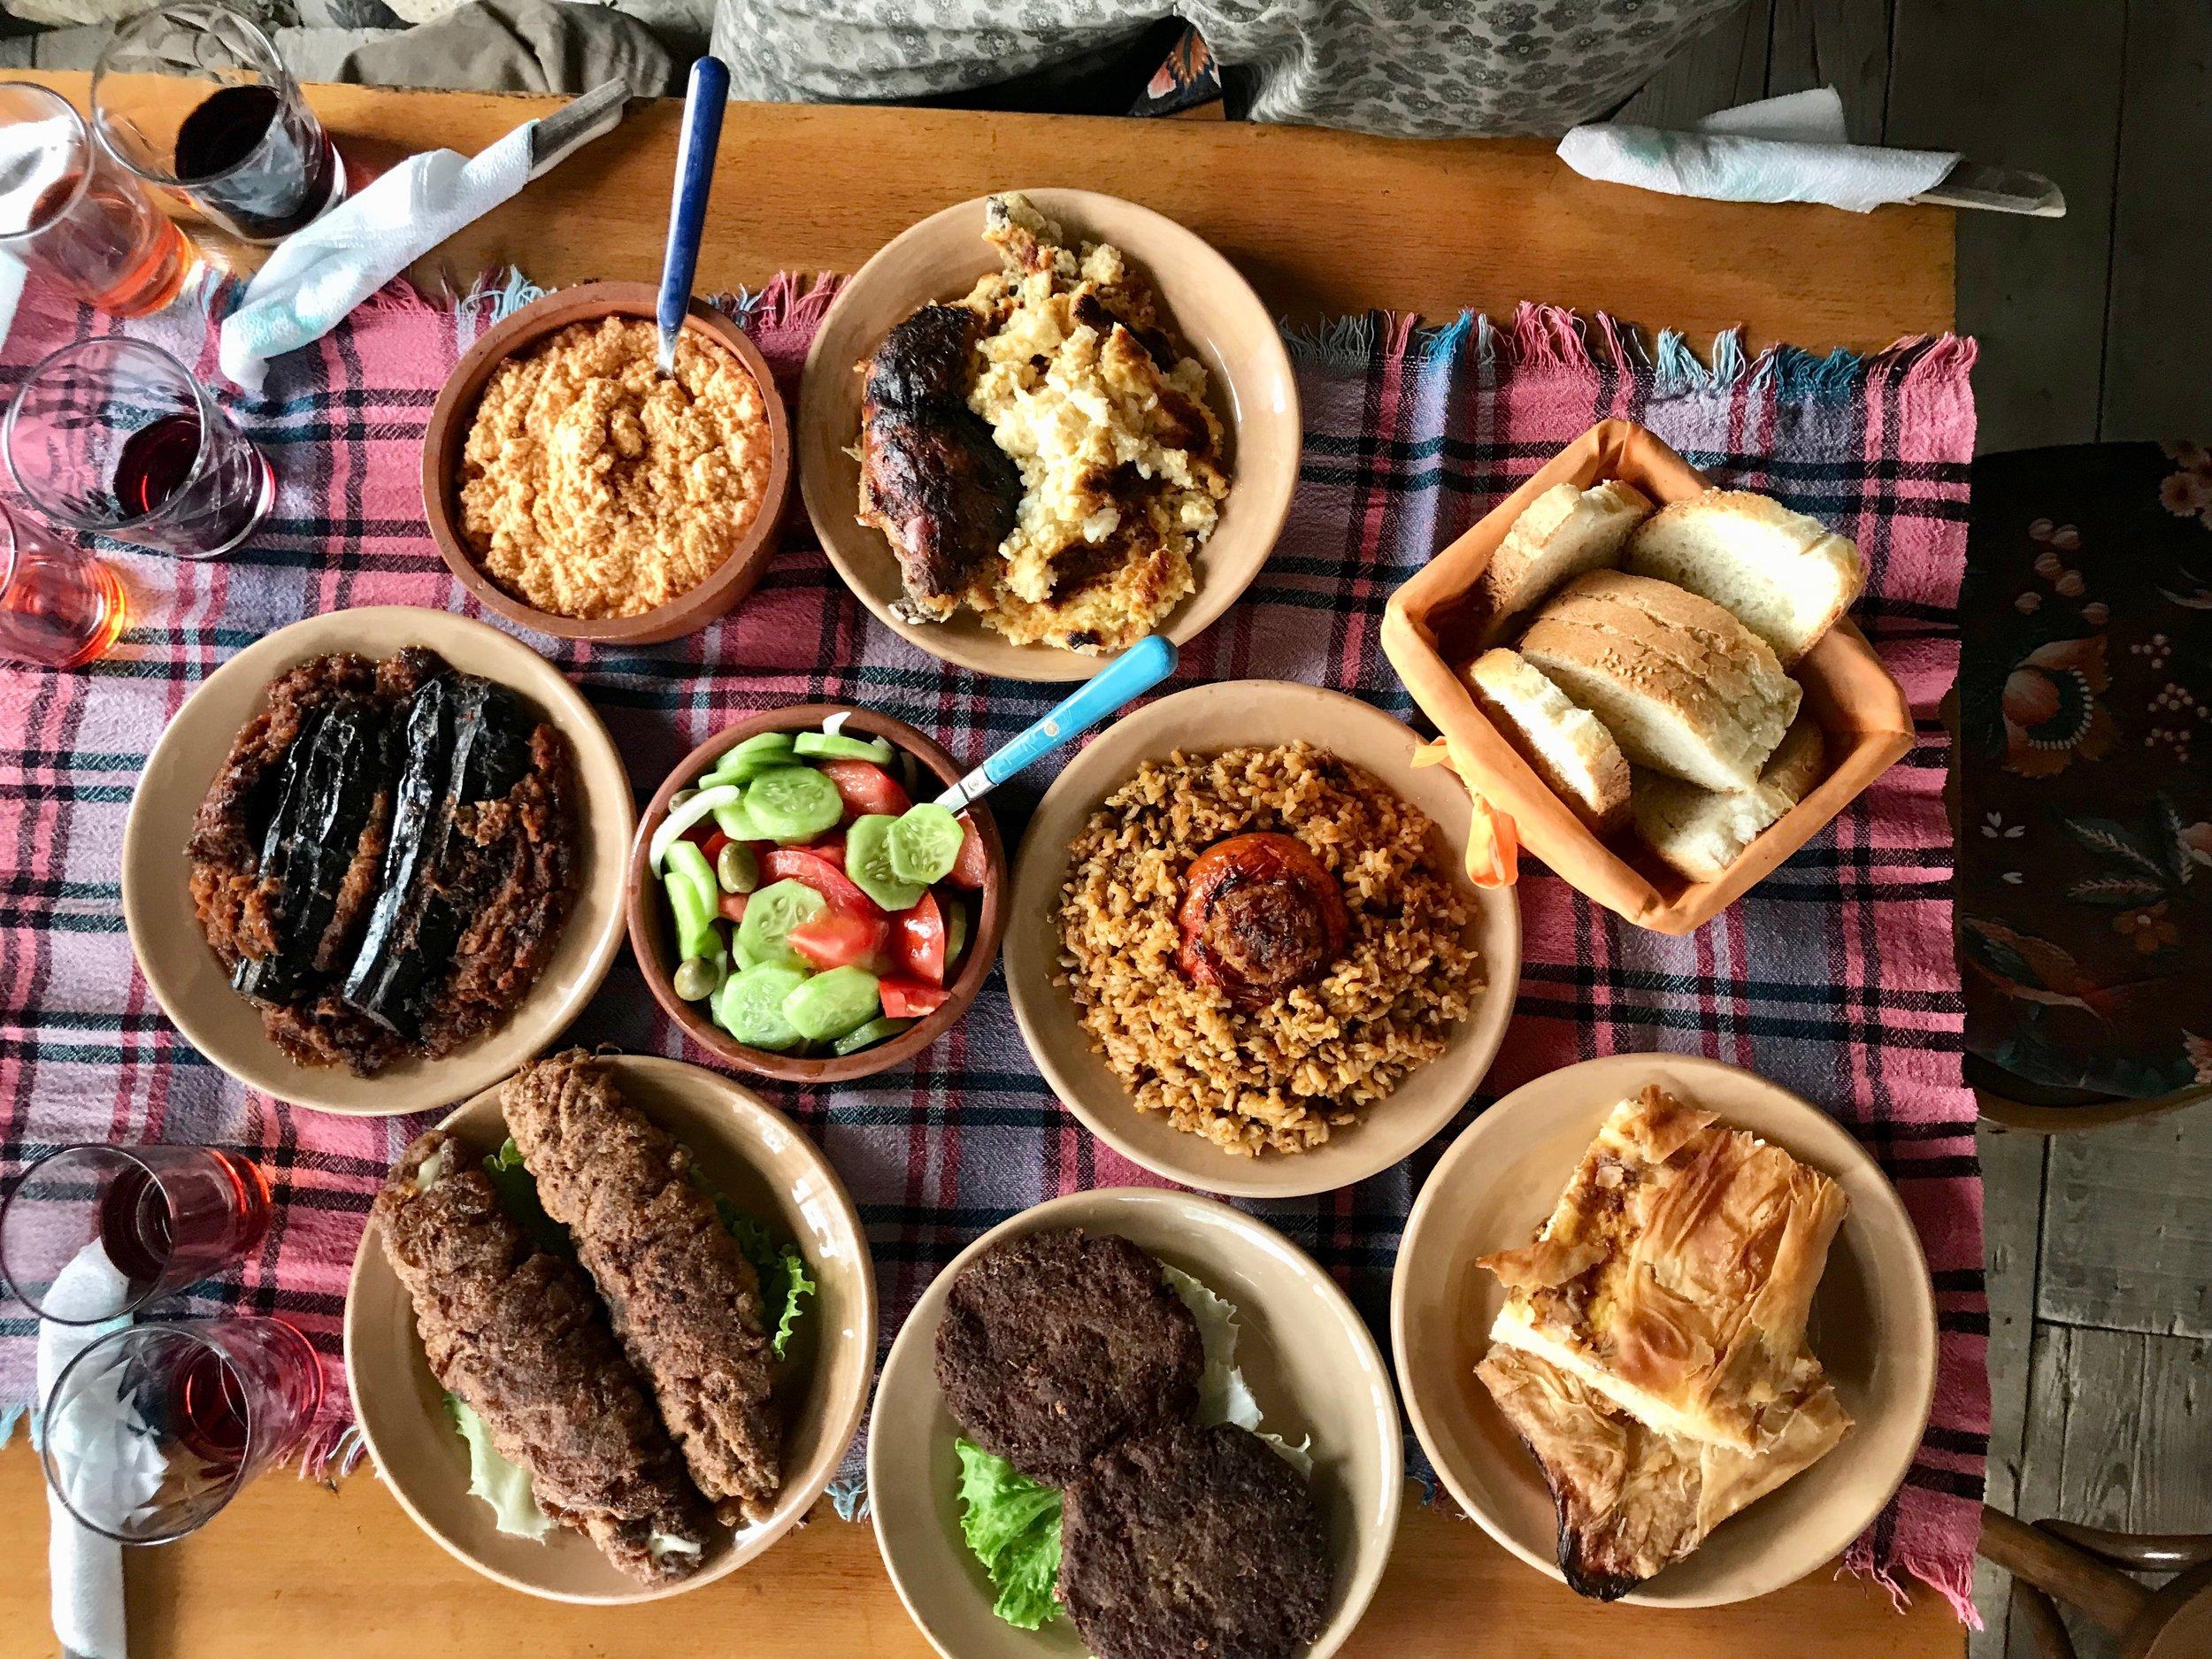 Smakfulle retter fra det albanske kjøkken. Her på besøk hjemme hos en familie i verdensarvbyen Berat. Foto: Odd Roar Lange